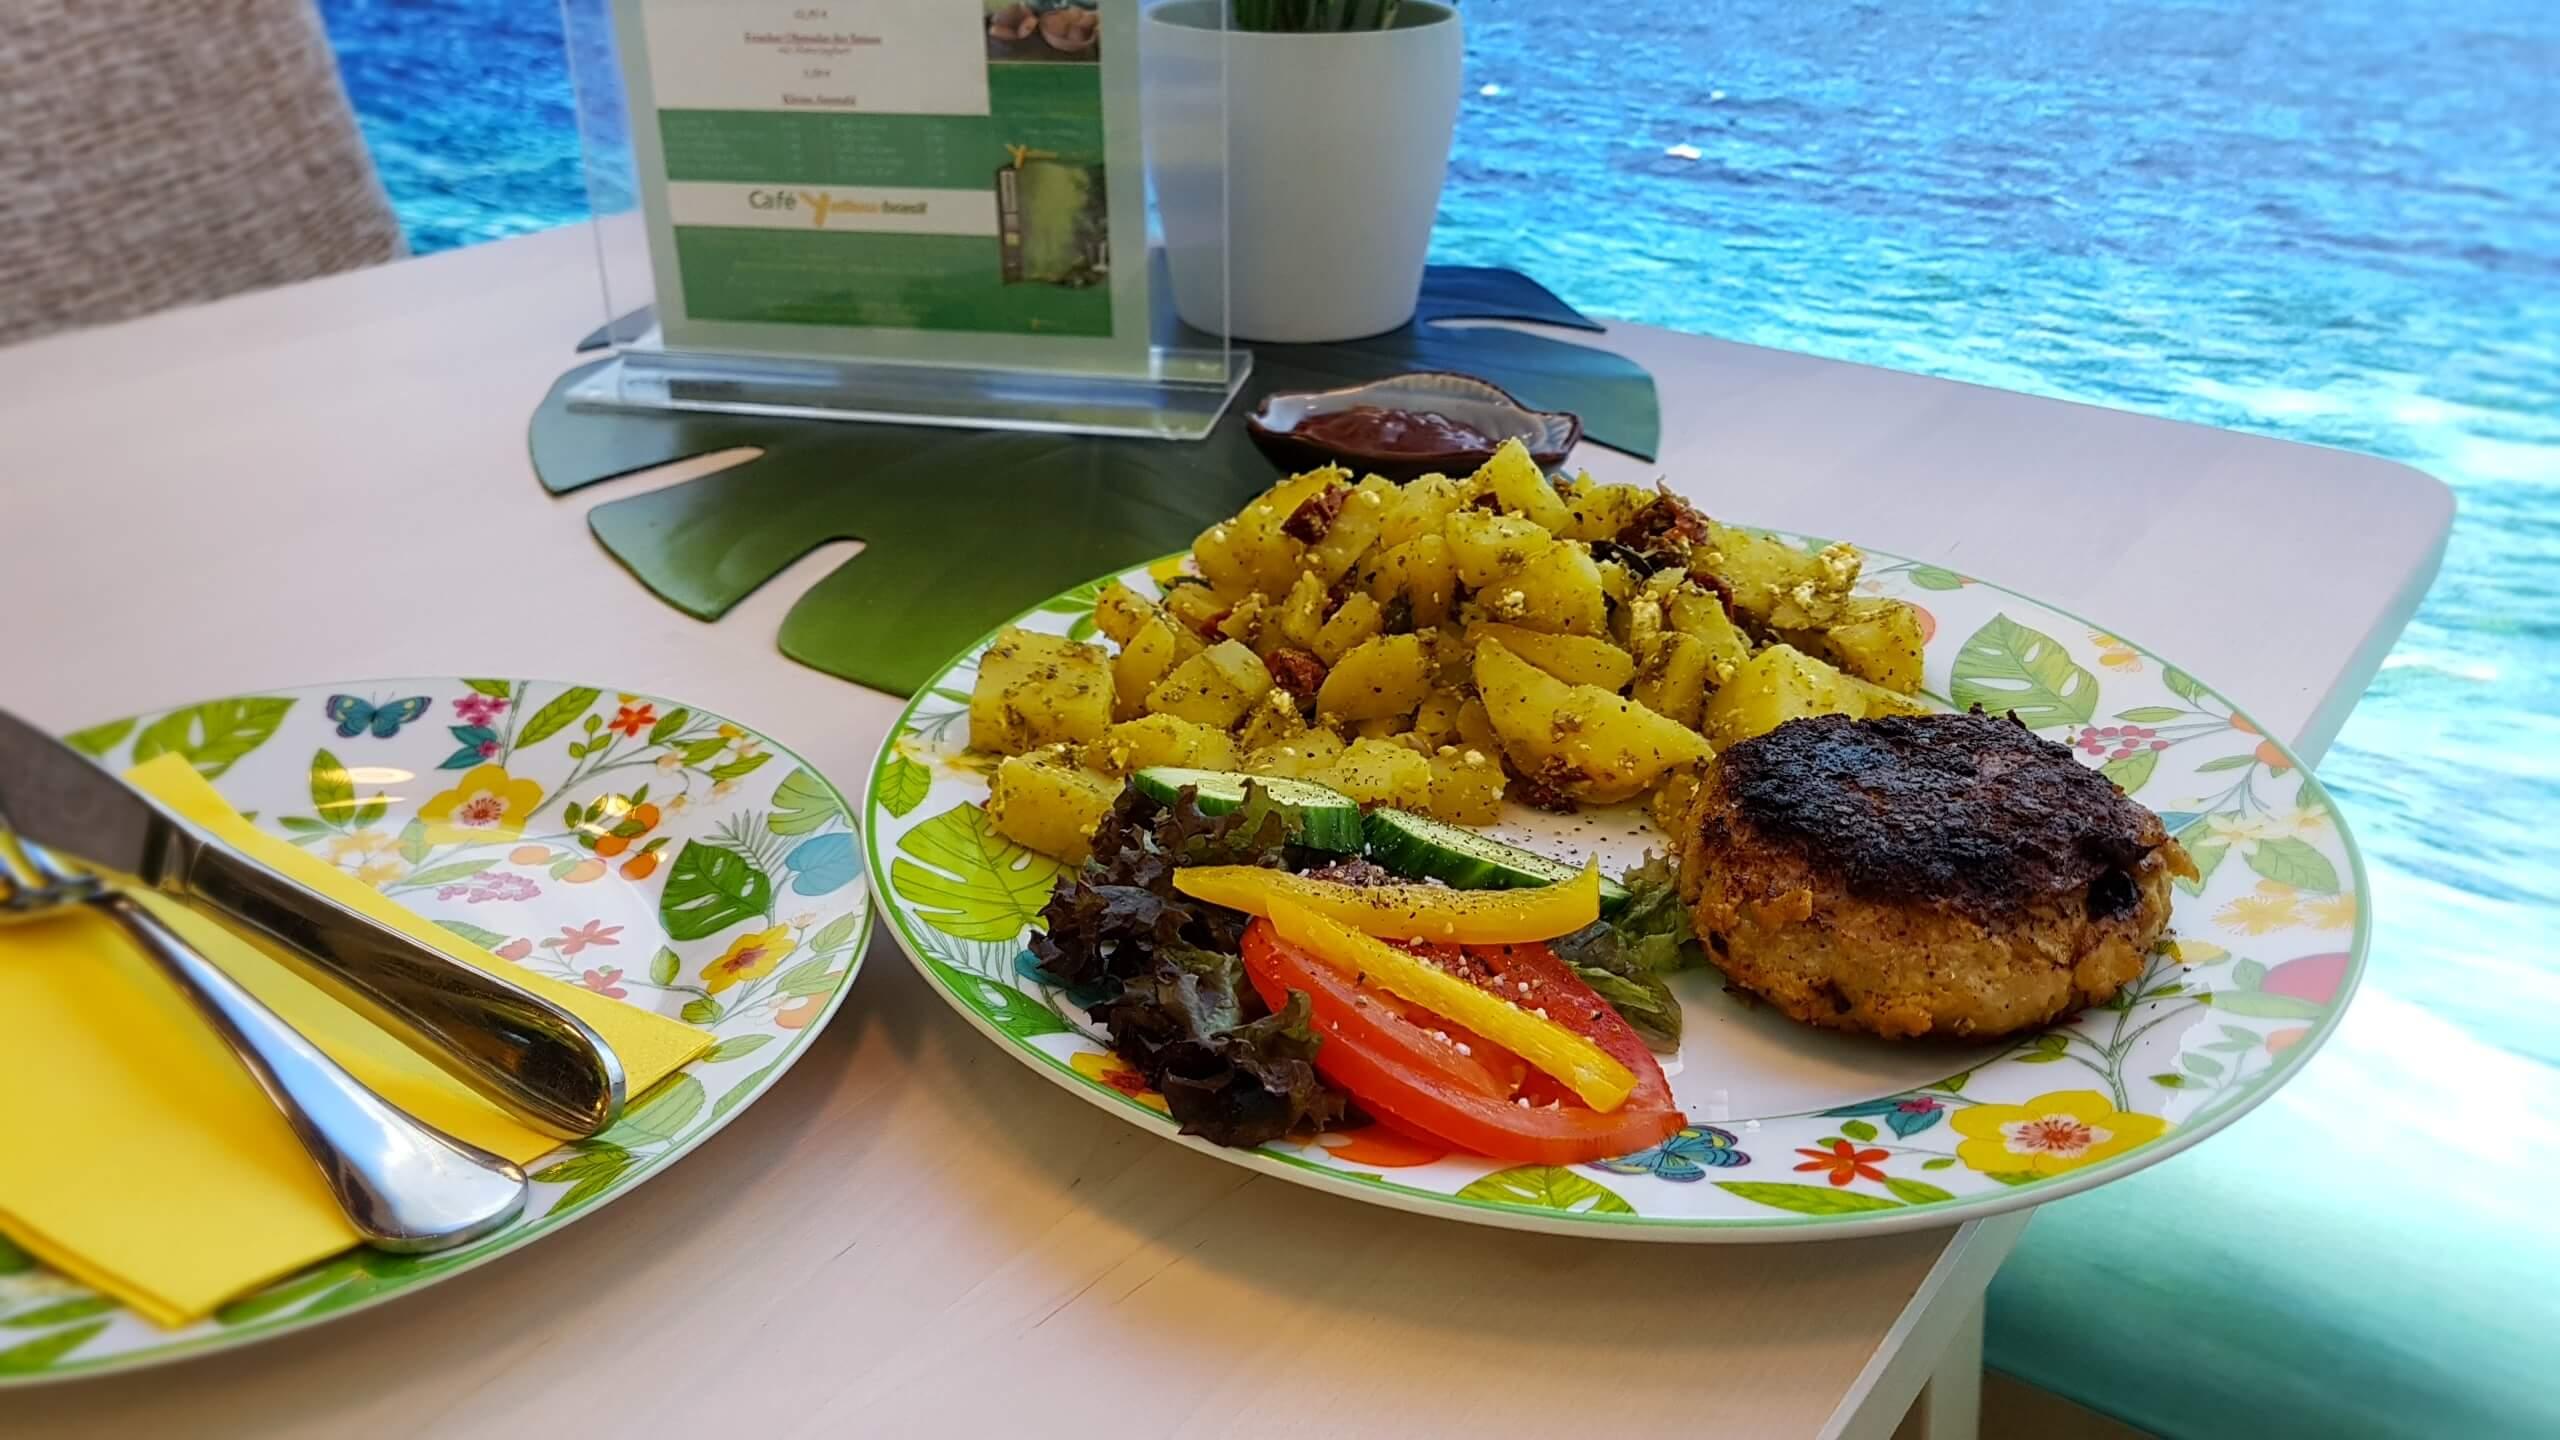 Frikadelle mit hausgemachten Kartoffelsalat cafe yellowbrasil